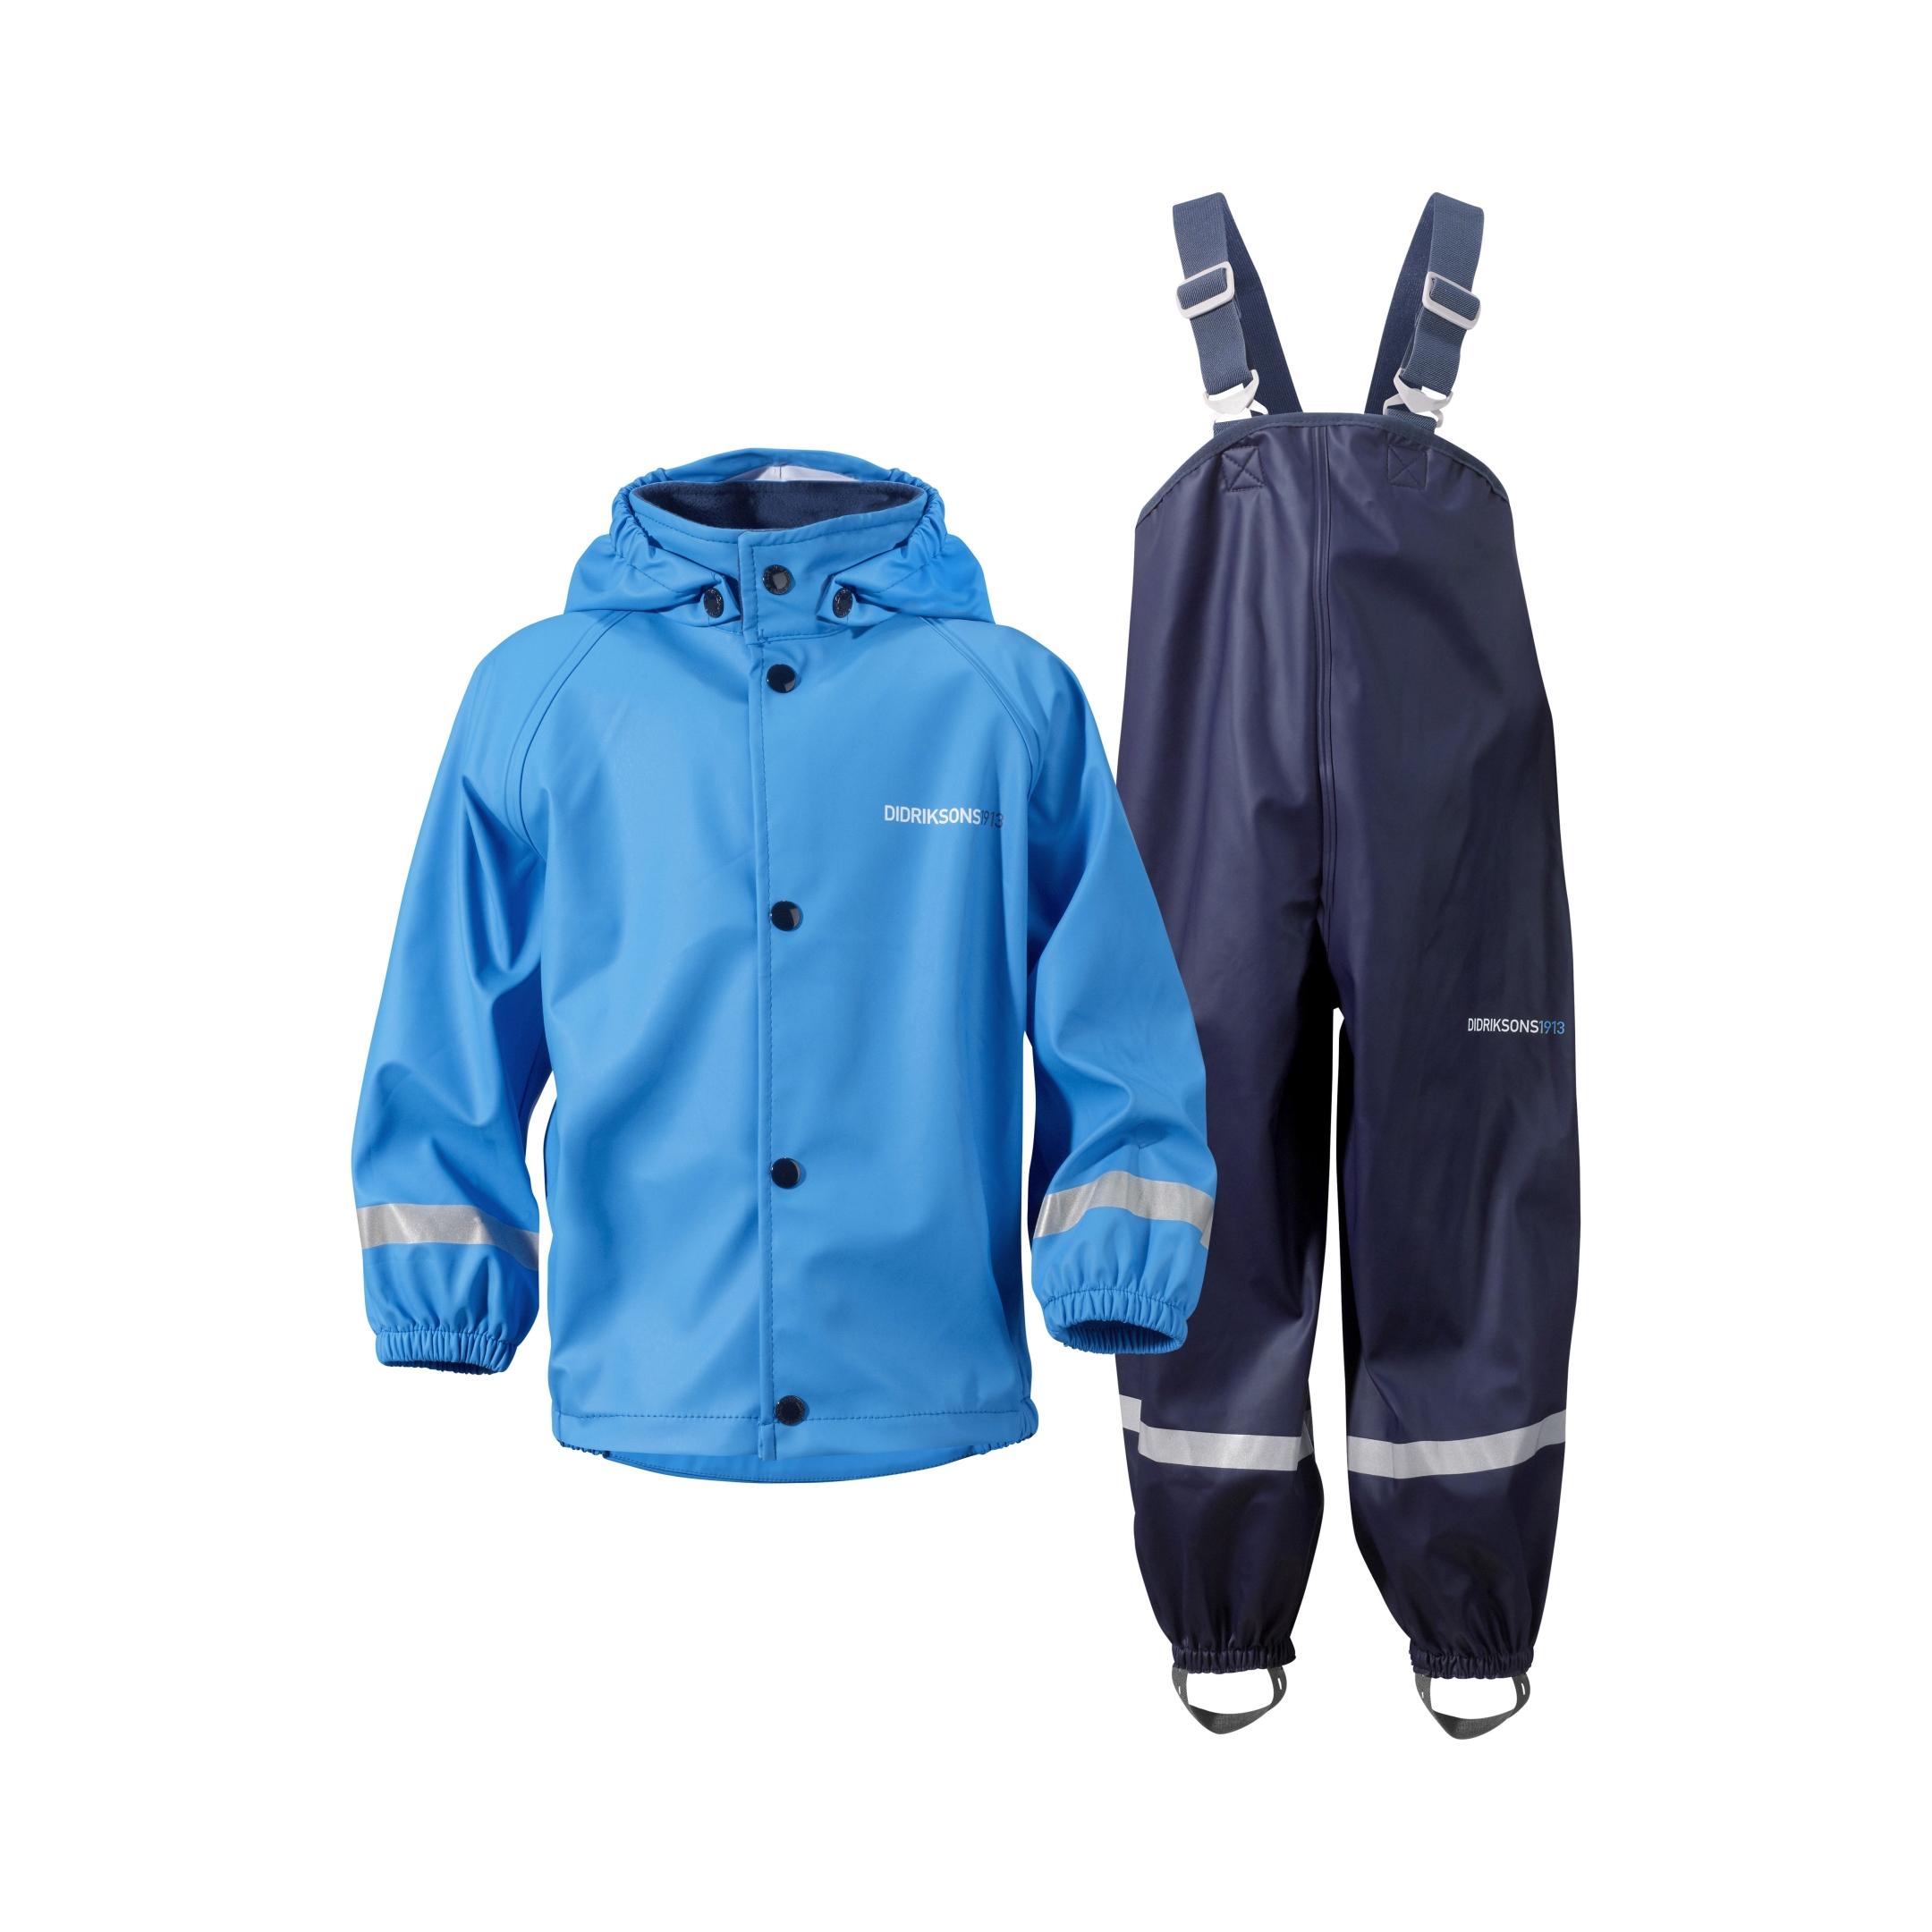 Дидриксон детский костюм дождевой SLASKEMAN + средство для стирки, - фото 5